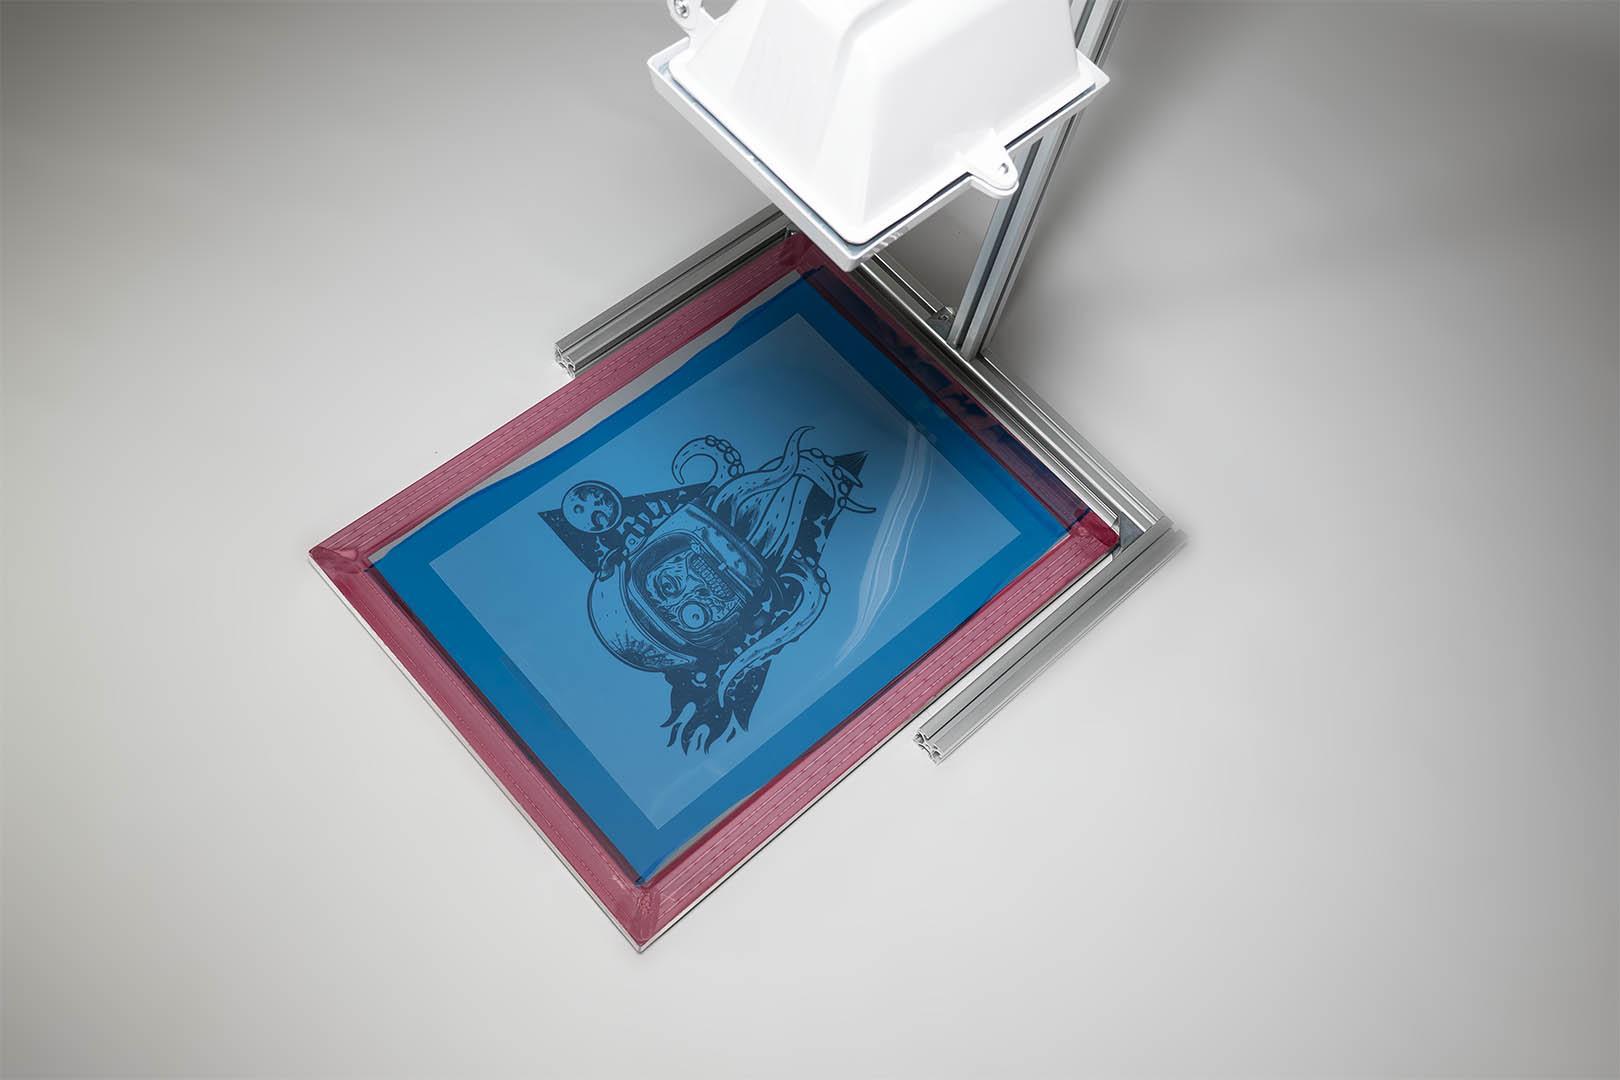 siebdruck belichtung anleitung siebbelichtung. Black Bedroom Furniture Sets. Home Design Ideas